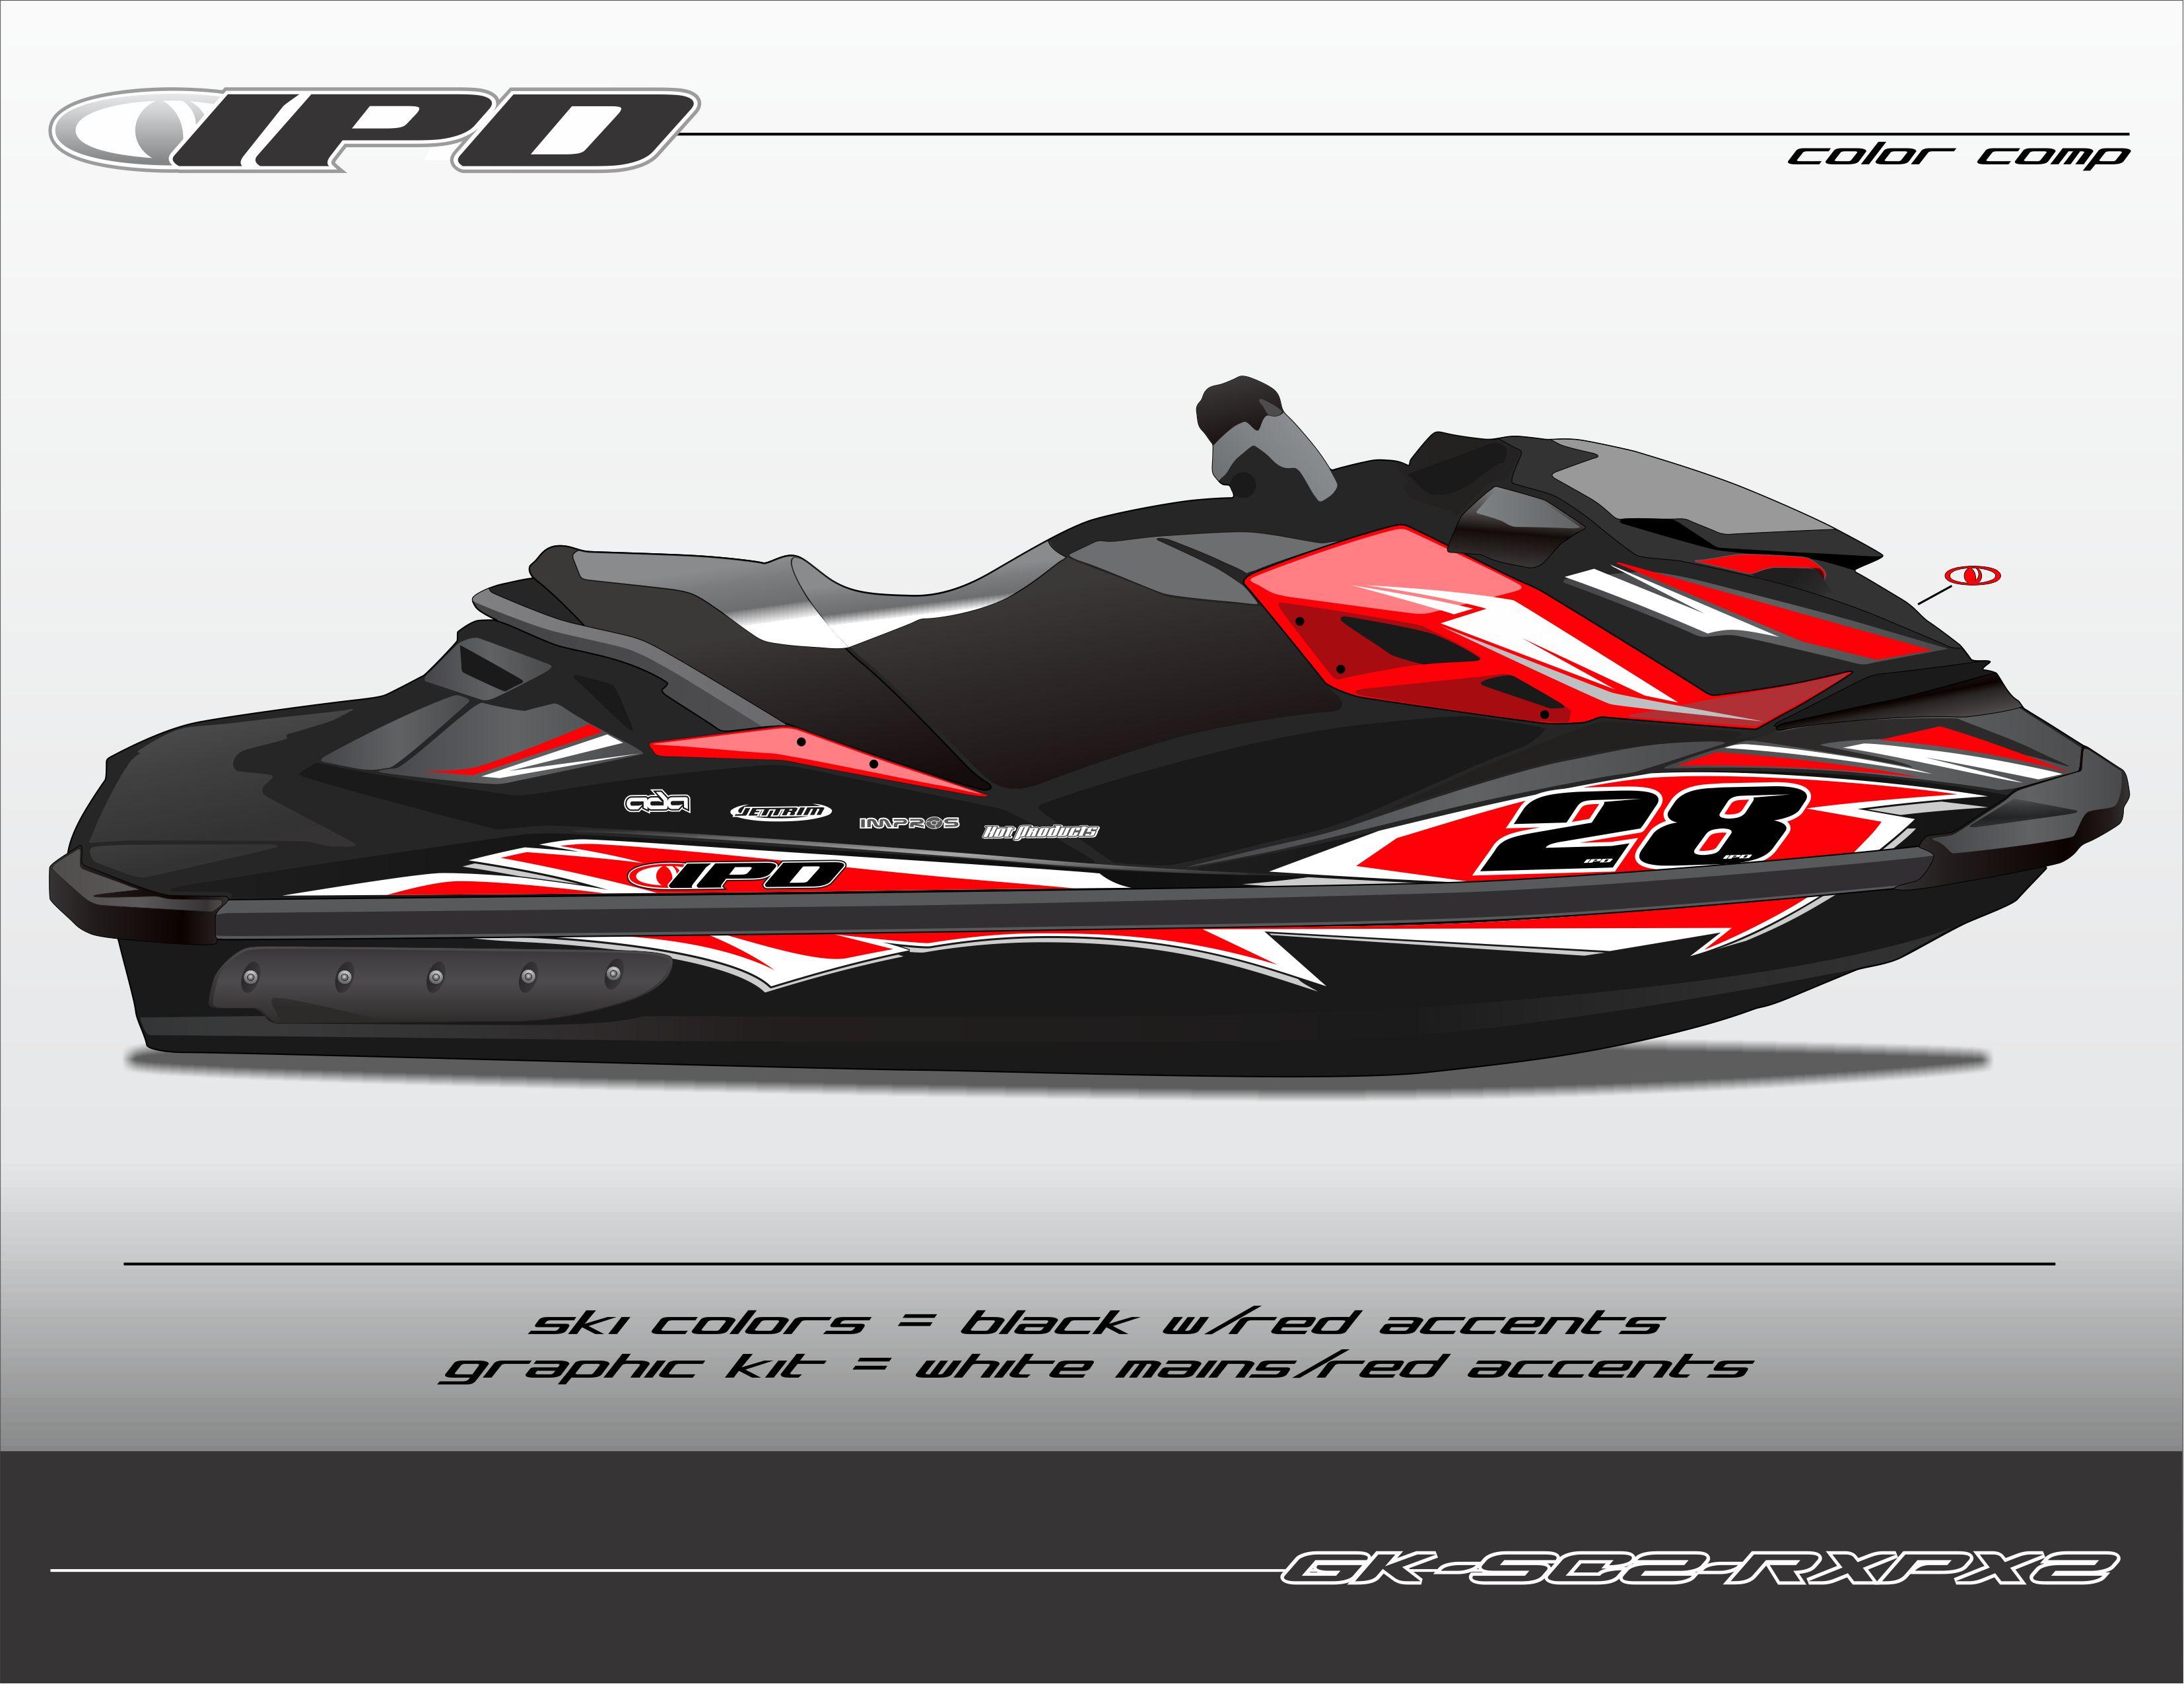 Yamaha Jet Ski For Sale >> Sea-Doo RXP-X 260 & 300 Graphics Kit (SC2 Design) – IPD Jet Ski Graphics